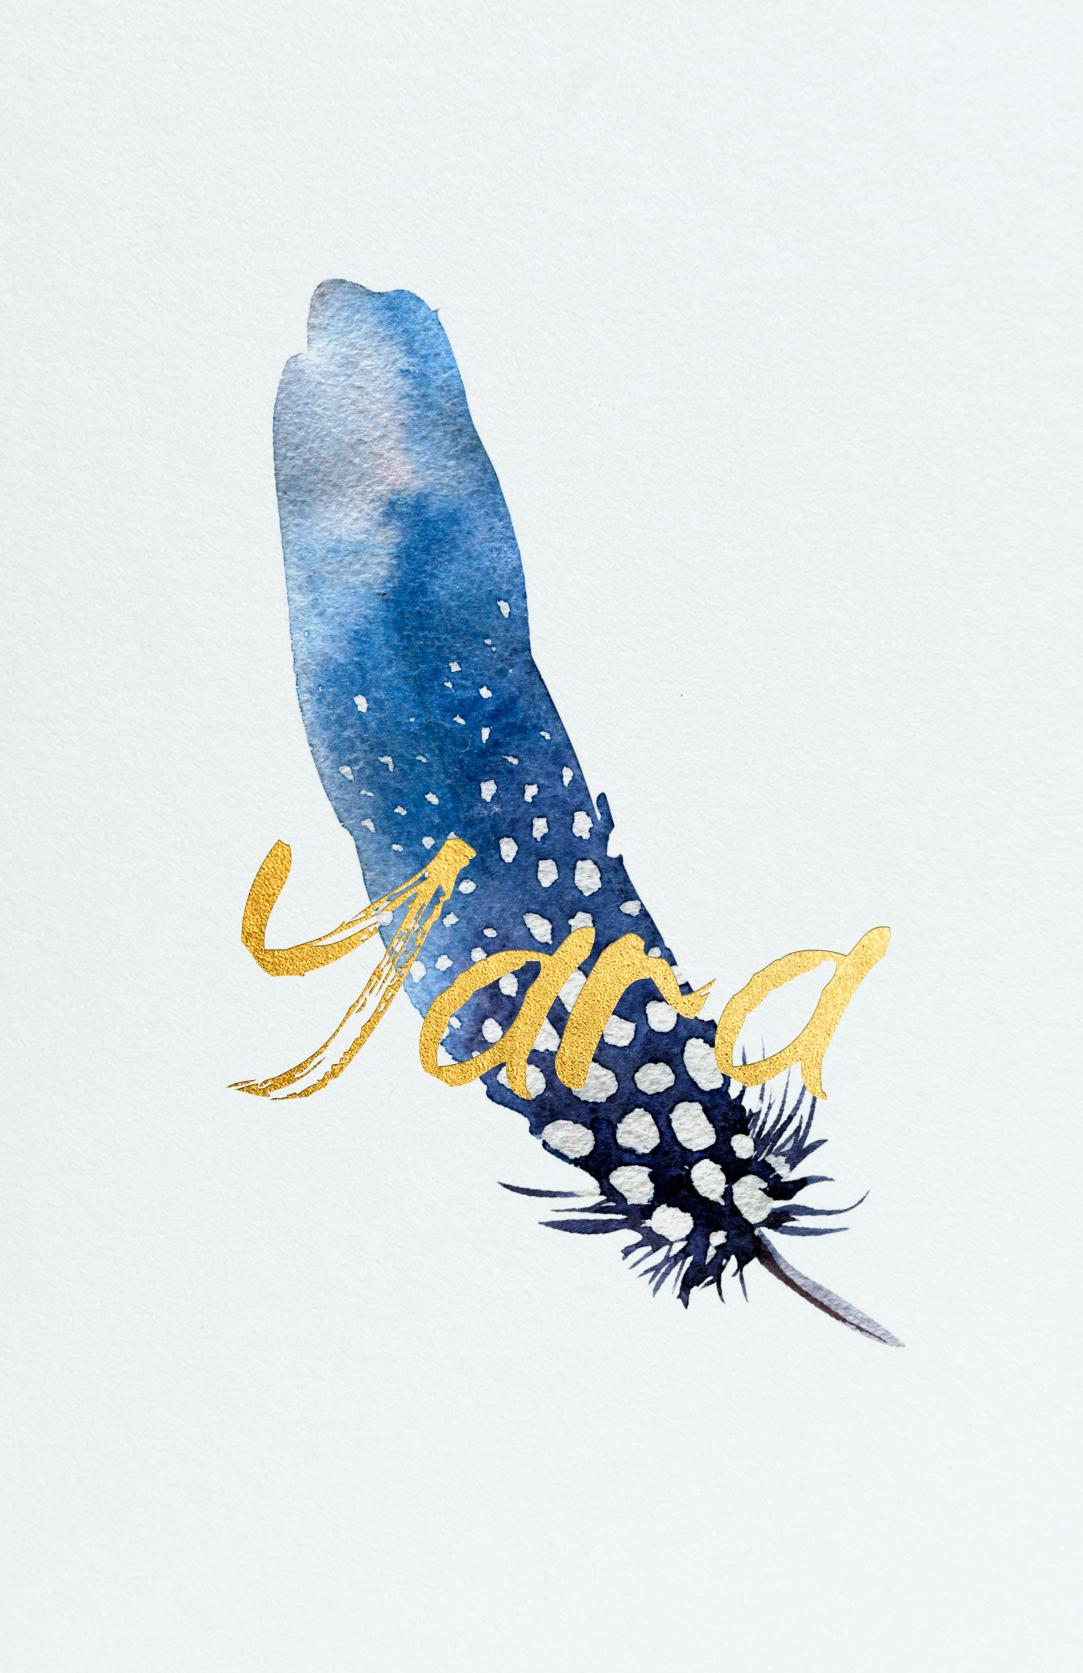 Geboortekaart Lichtblauw Veer Blauw Goudfolie Mat Artistiek